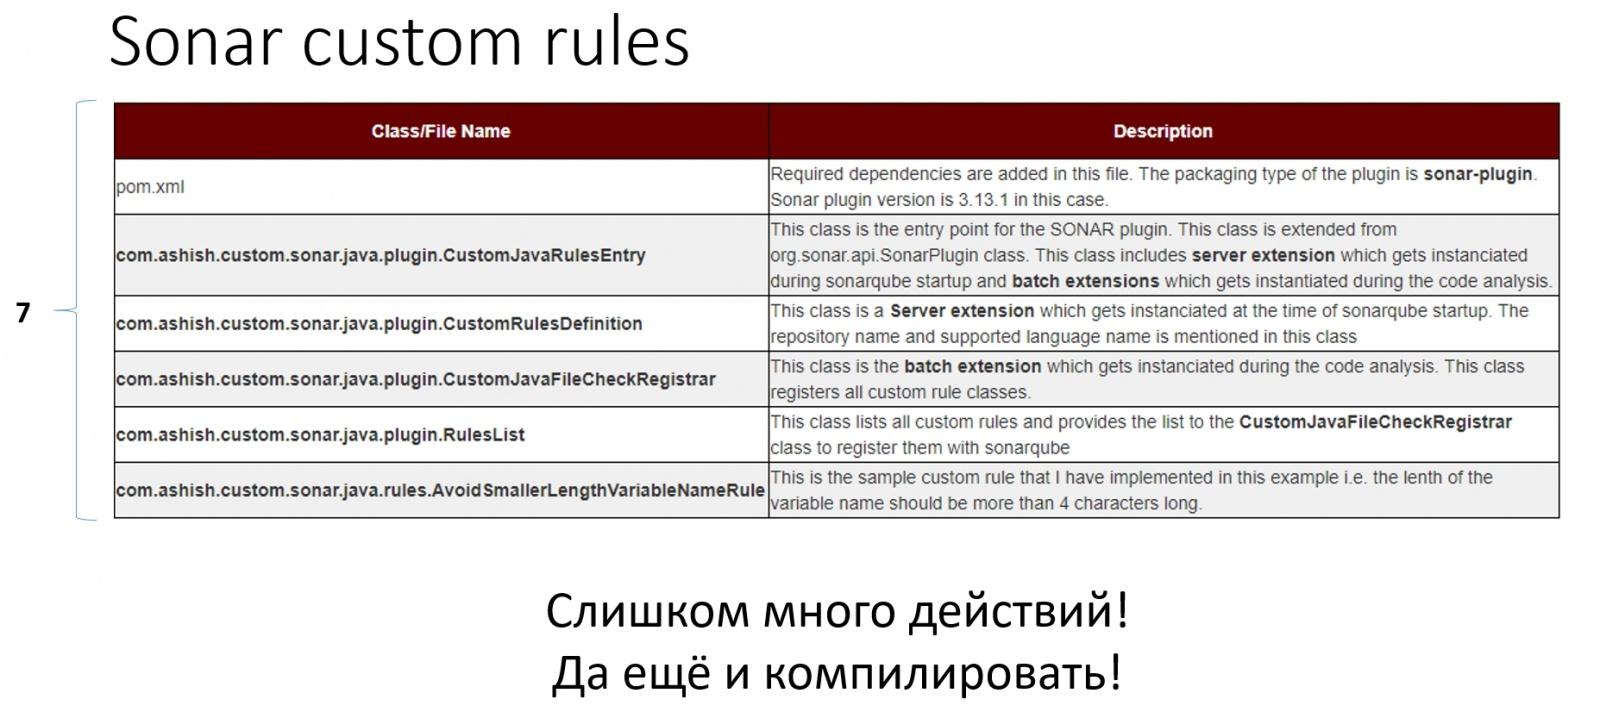 Враг не пройдёт, или как помочь командам соблюдать стандарты разработки - 4